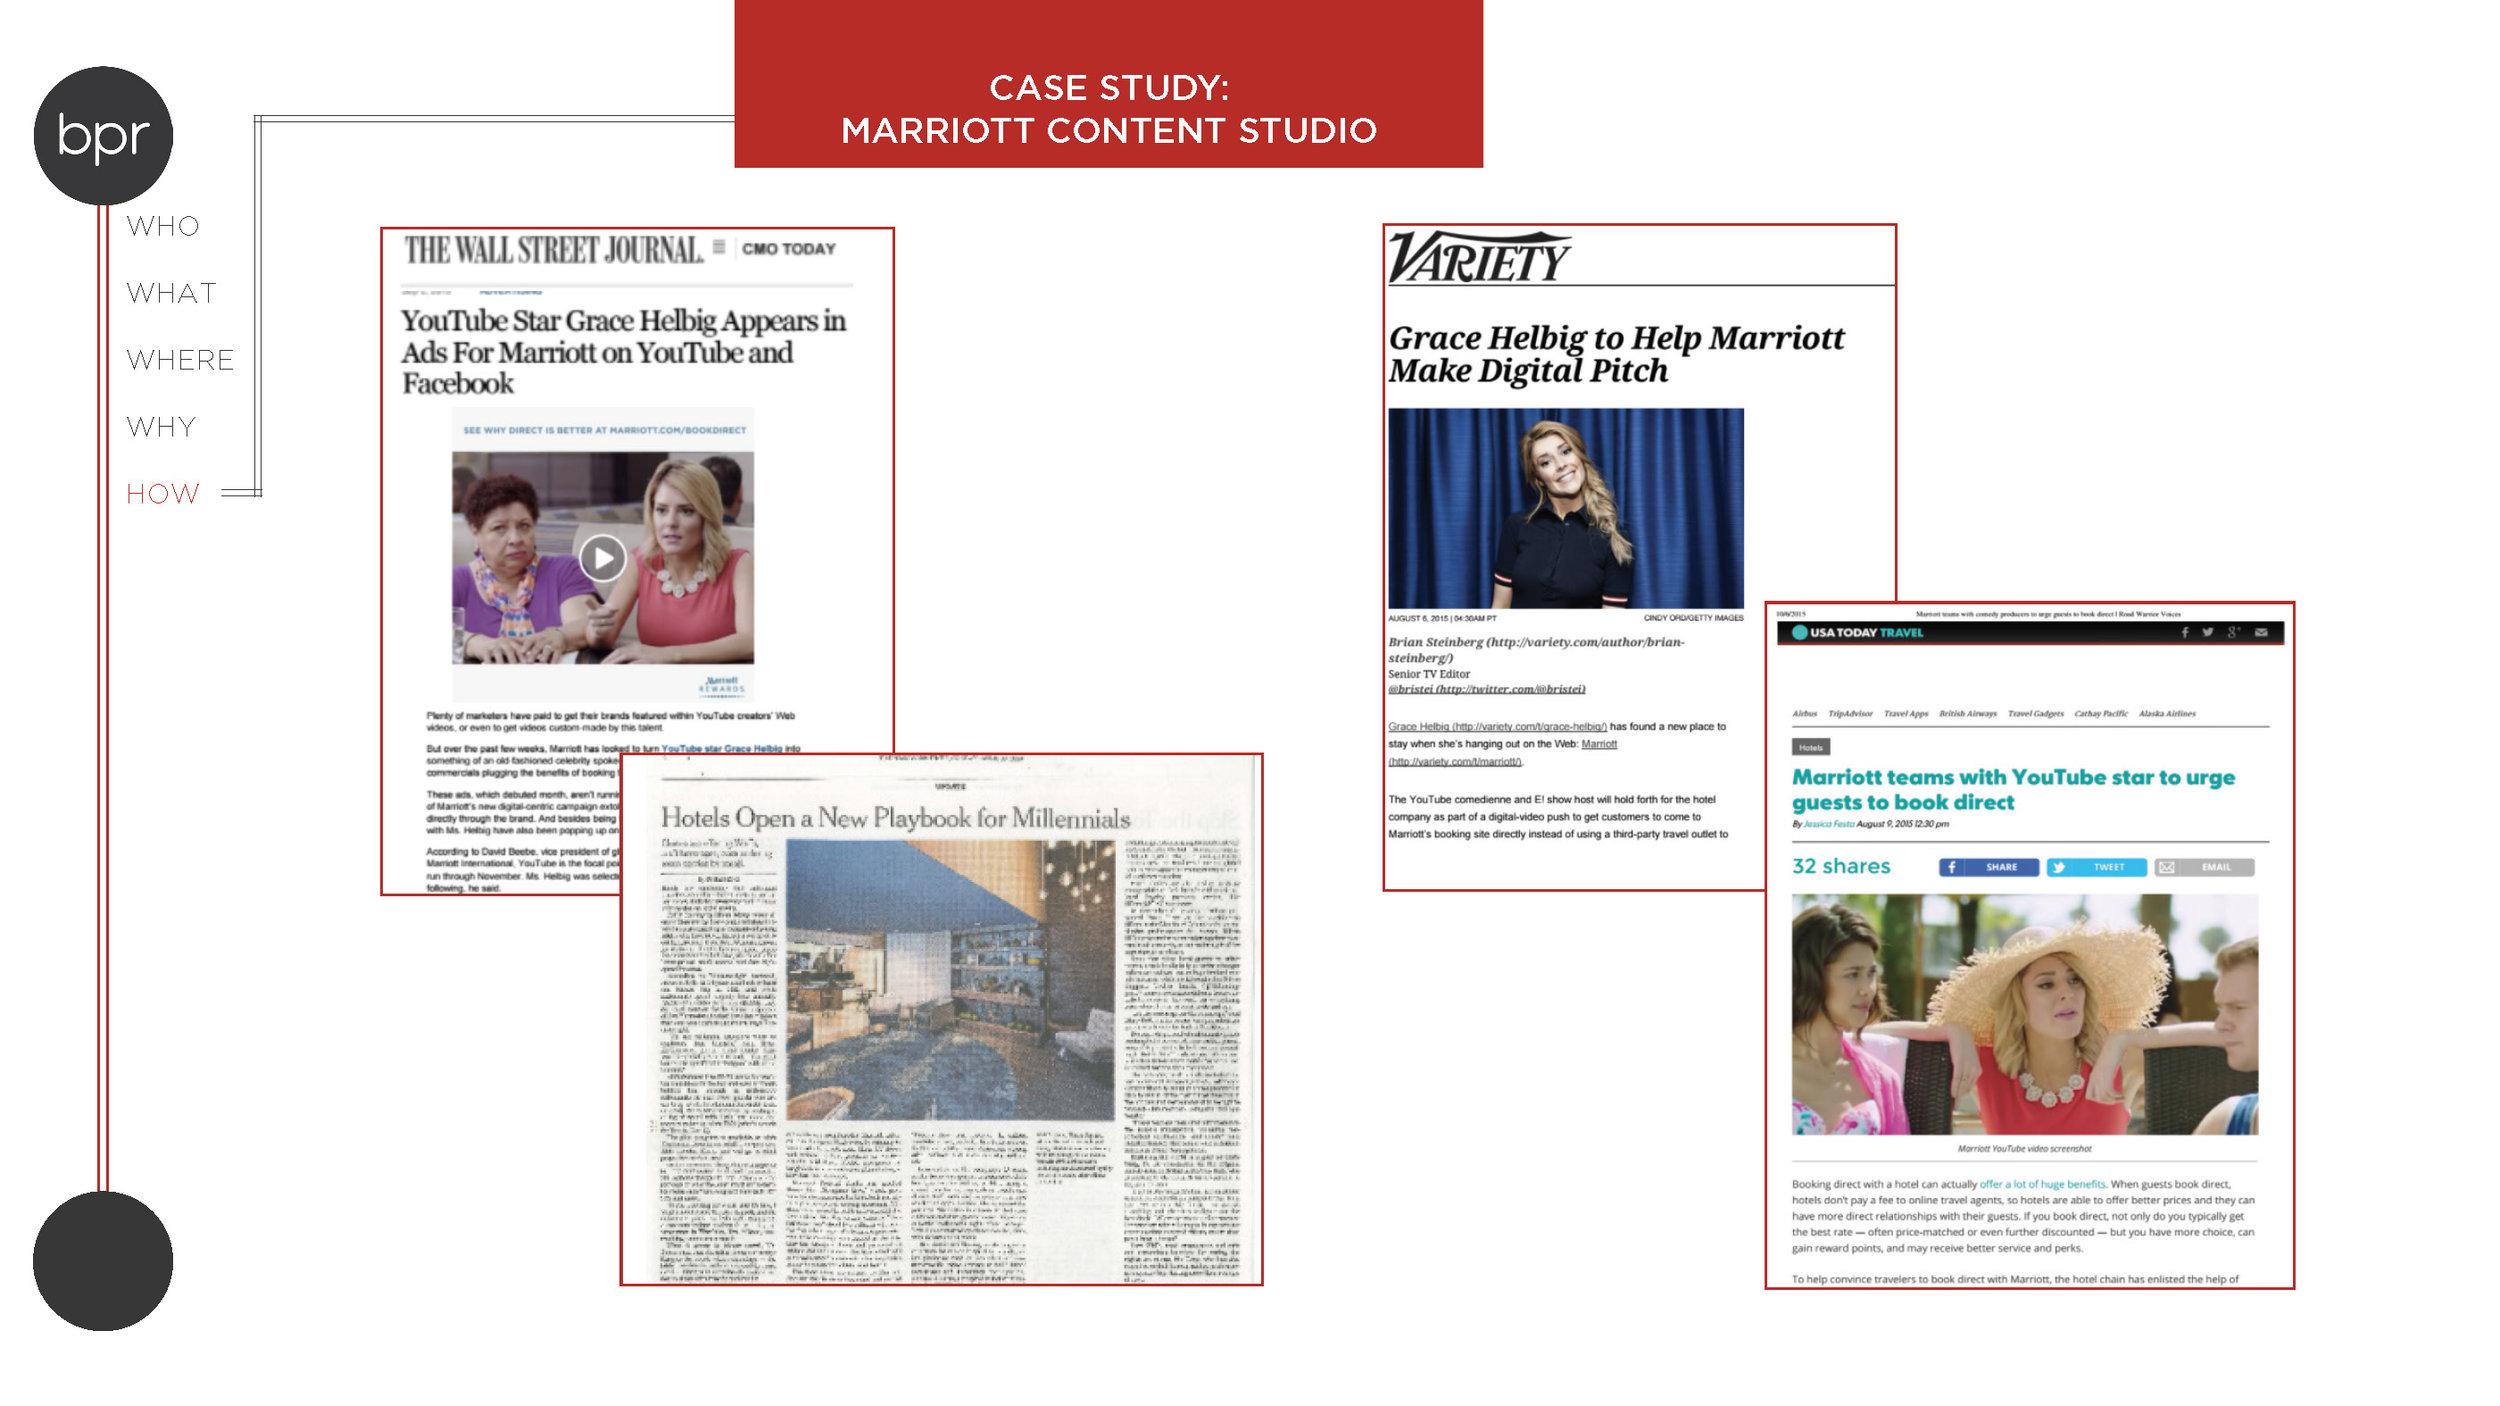 Marriott Content Studio Case Study_Page_4.jpg